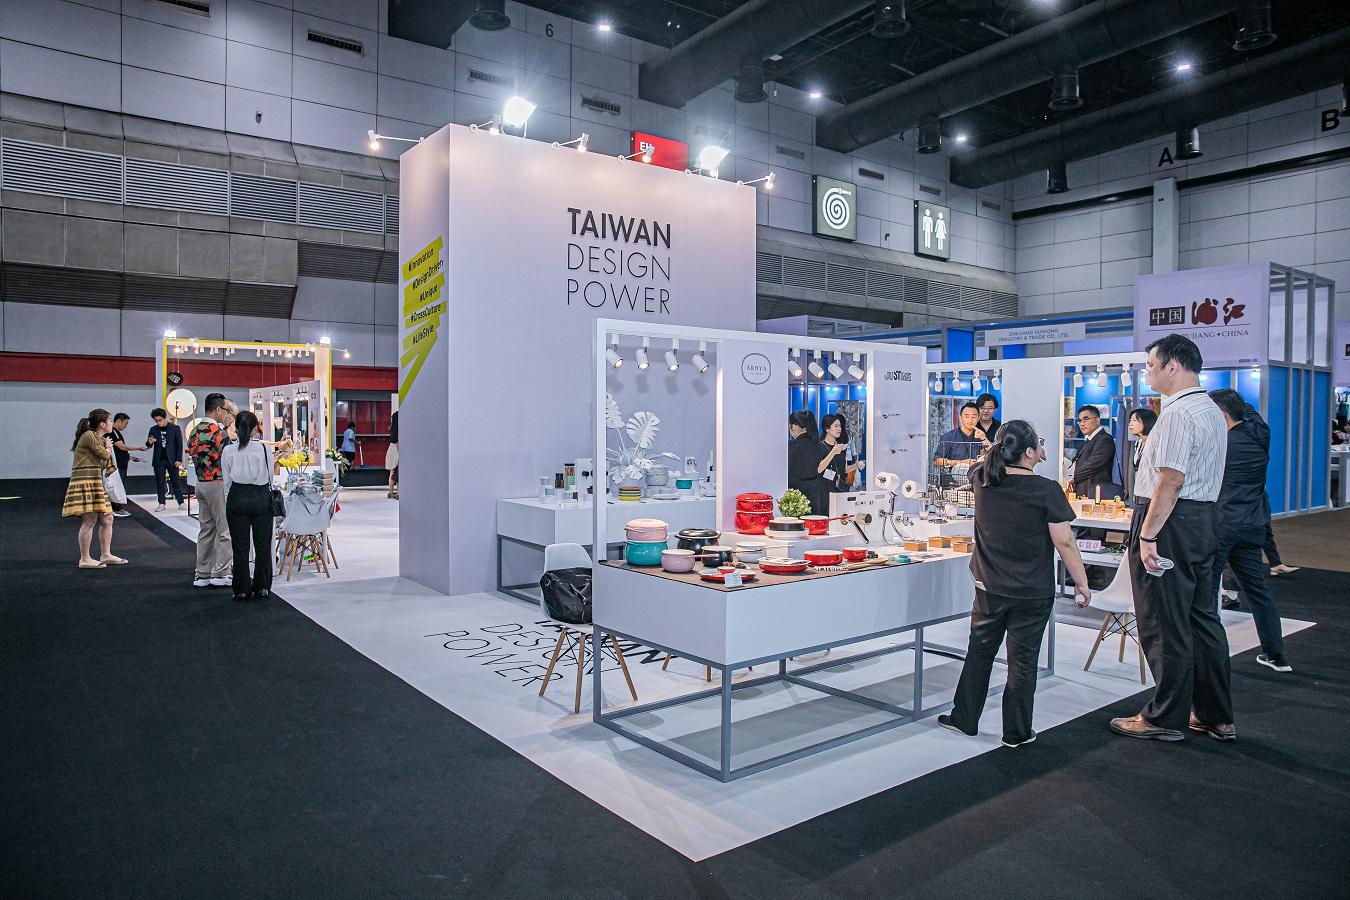 台泰國際合作三年有成 設計開啟南向新商機